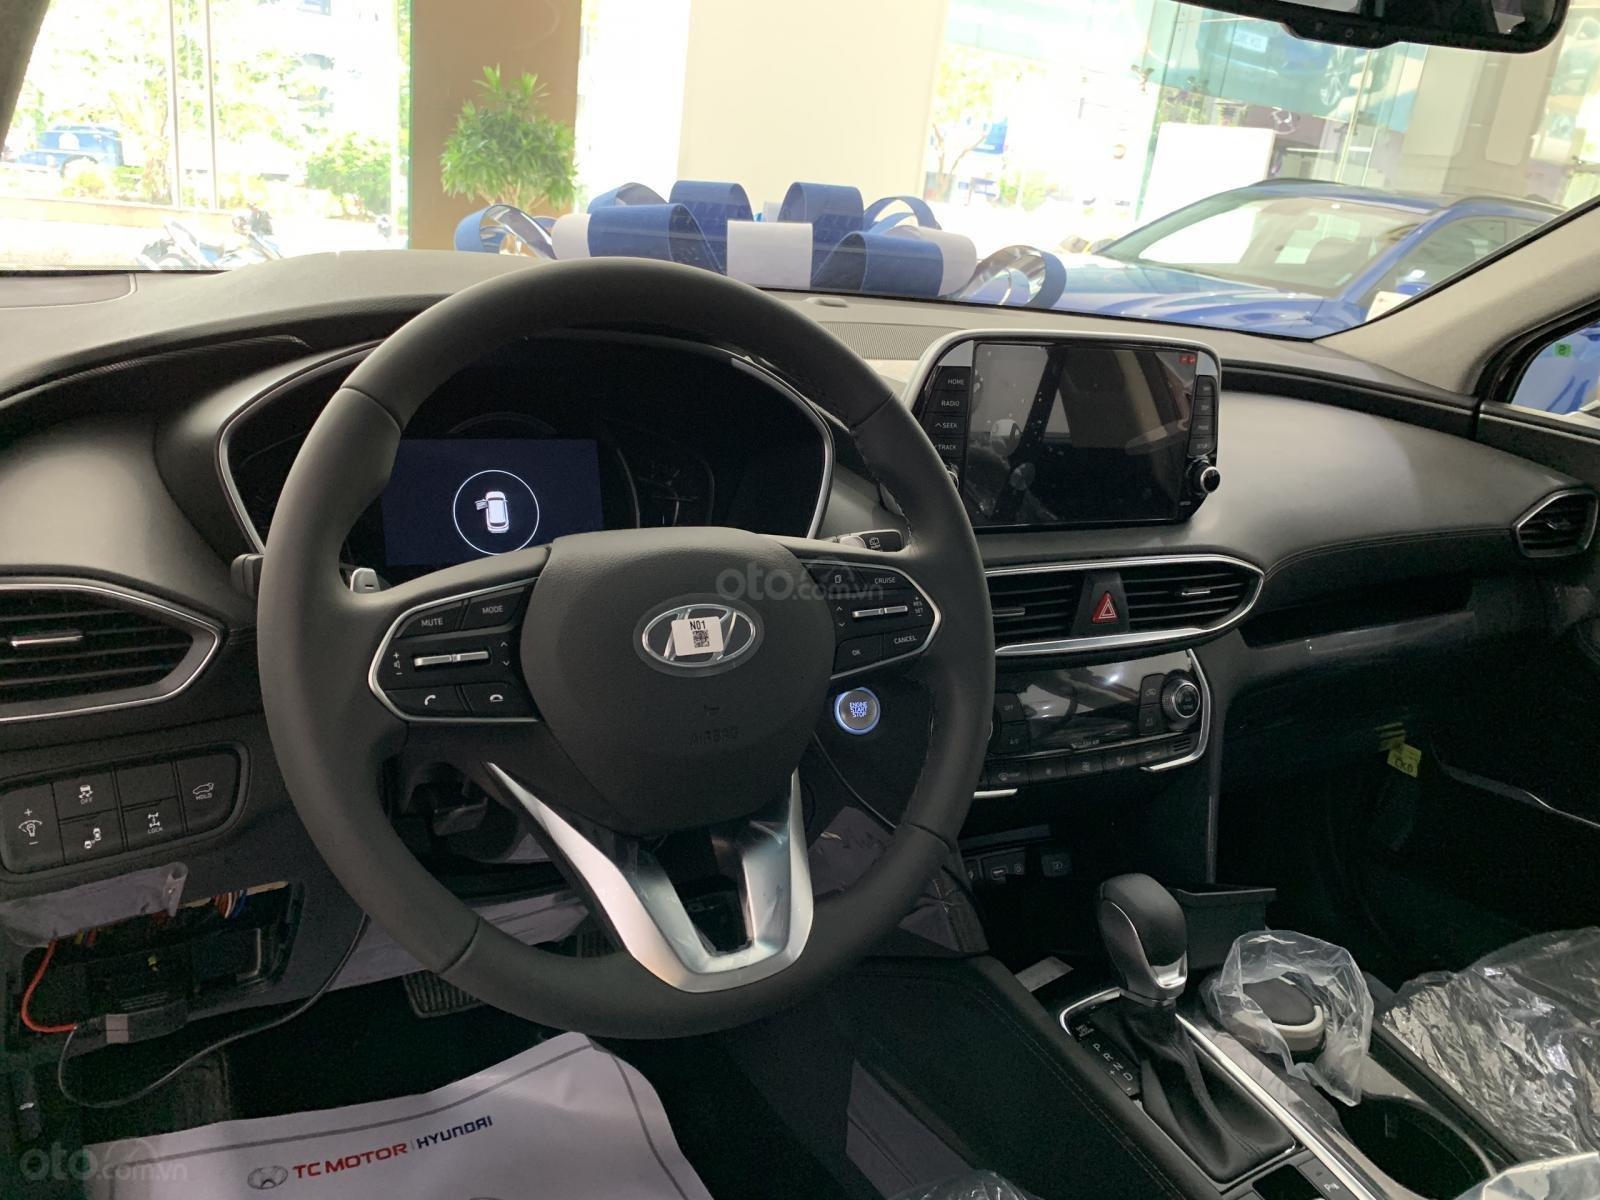 Hyundai Santafe bản đặc biệt nhiều ưu đãi hấp dẫn, khuyến mãi ngập tràn (9)